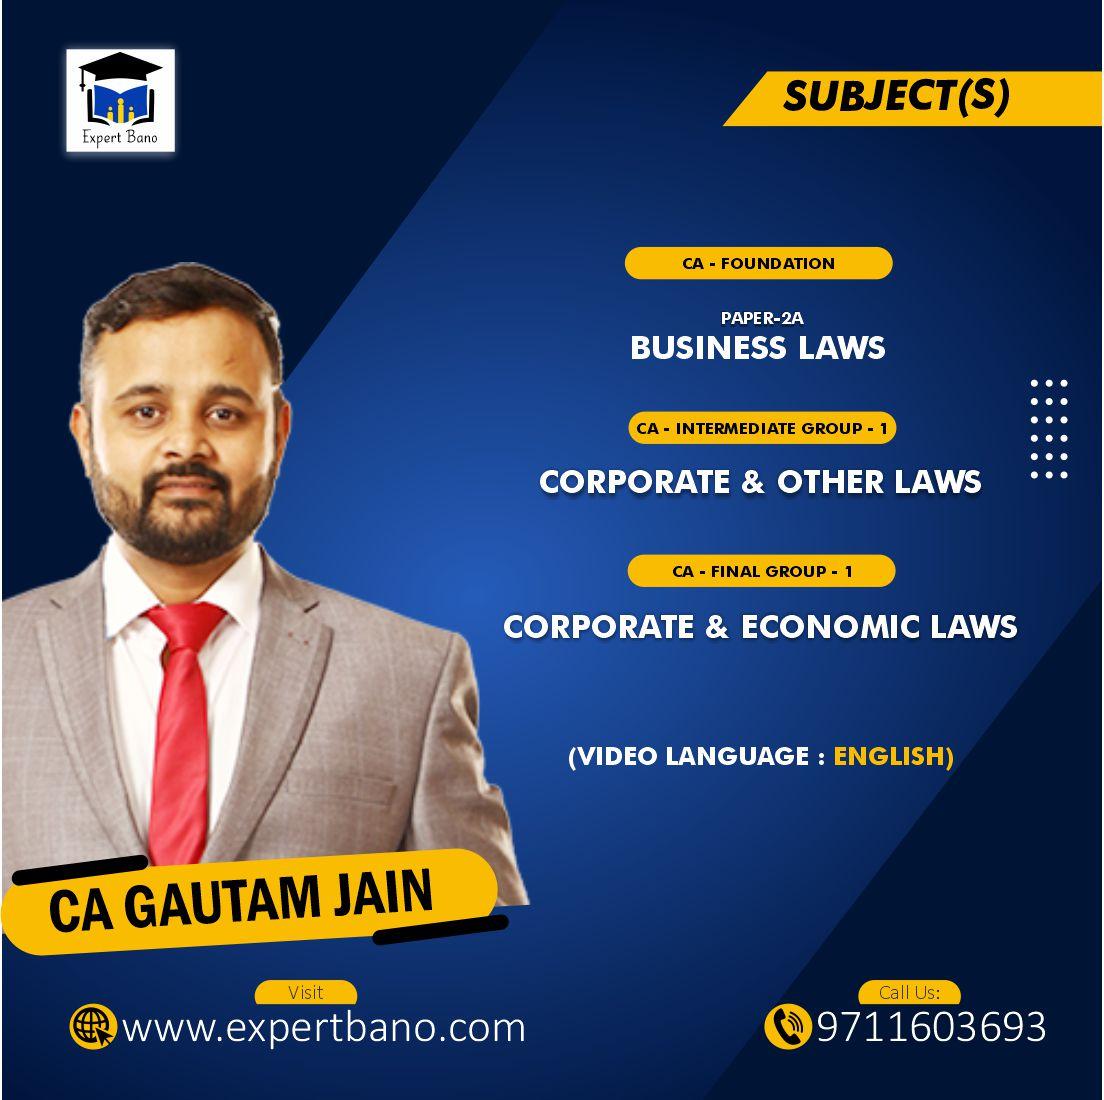 CA GAUTAM JAIN